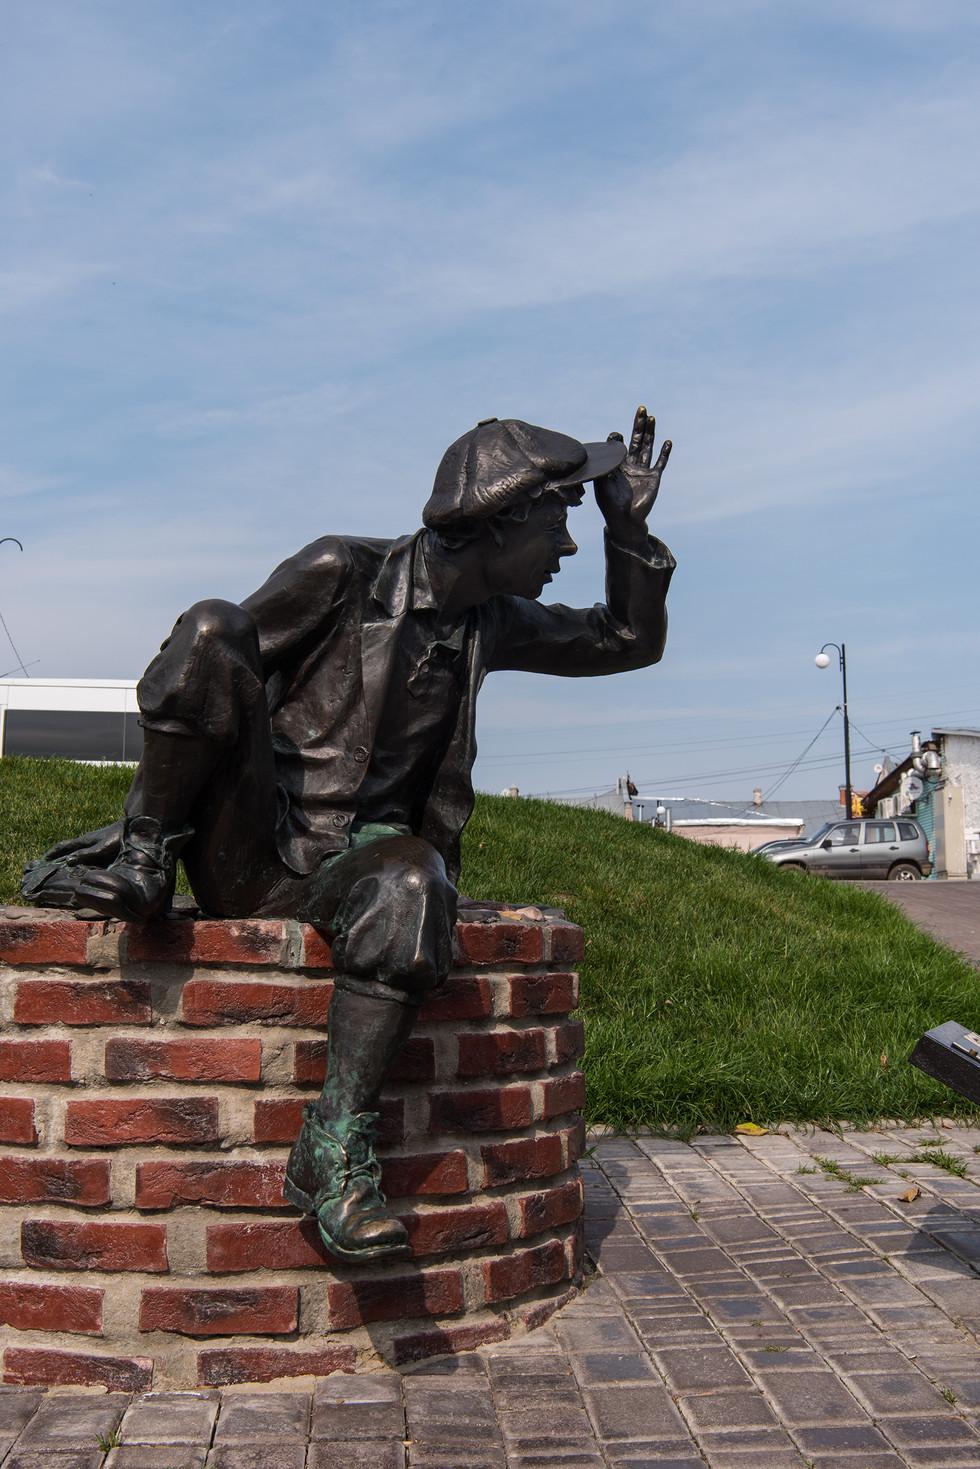 Уличные скульптуры филера и шалопая воспроизводят один из эпизодов жизни старого Владимира